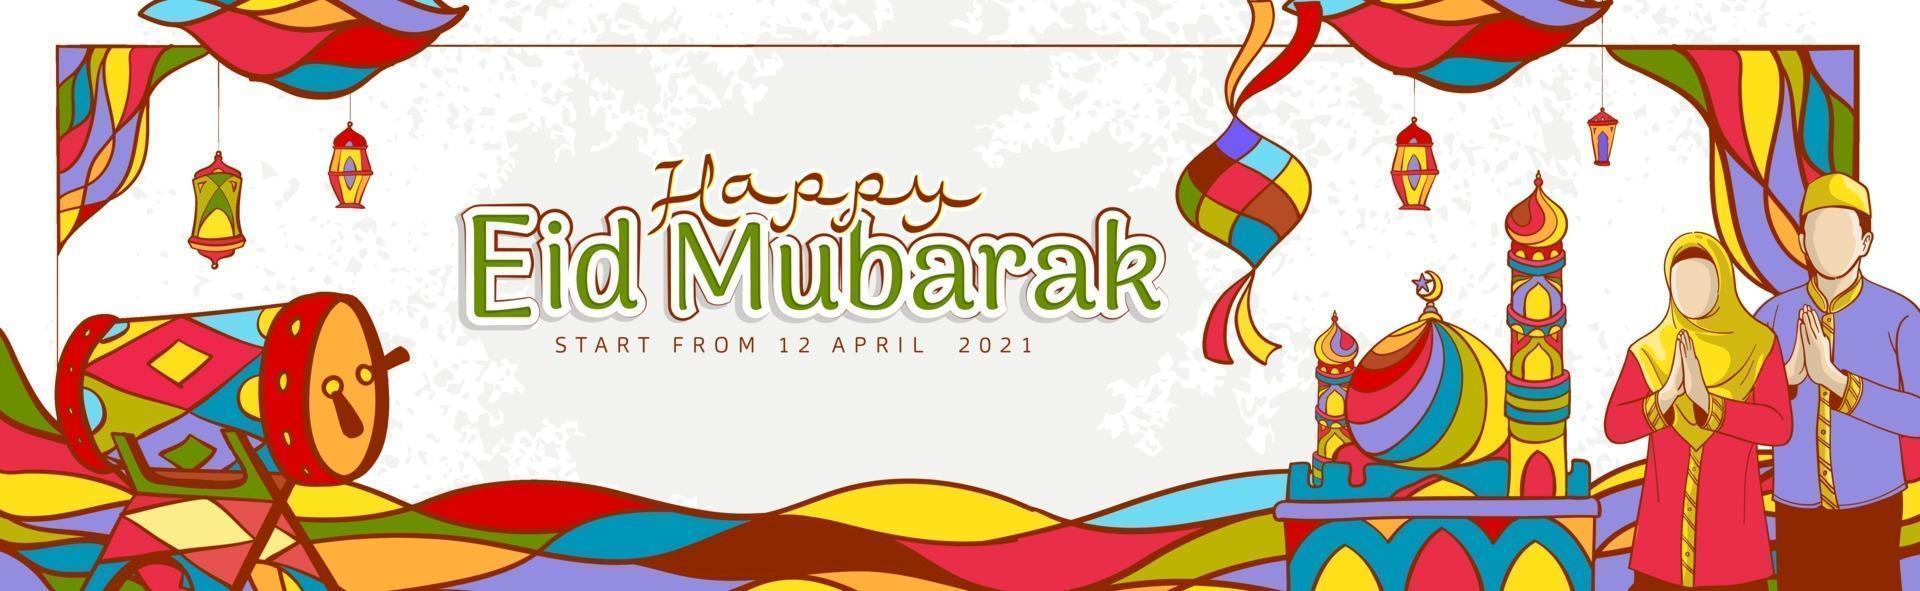 ilustração de ramadan kareem desenhada à mão com ornamentos islâmicos coloridos vetor